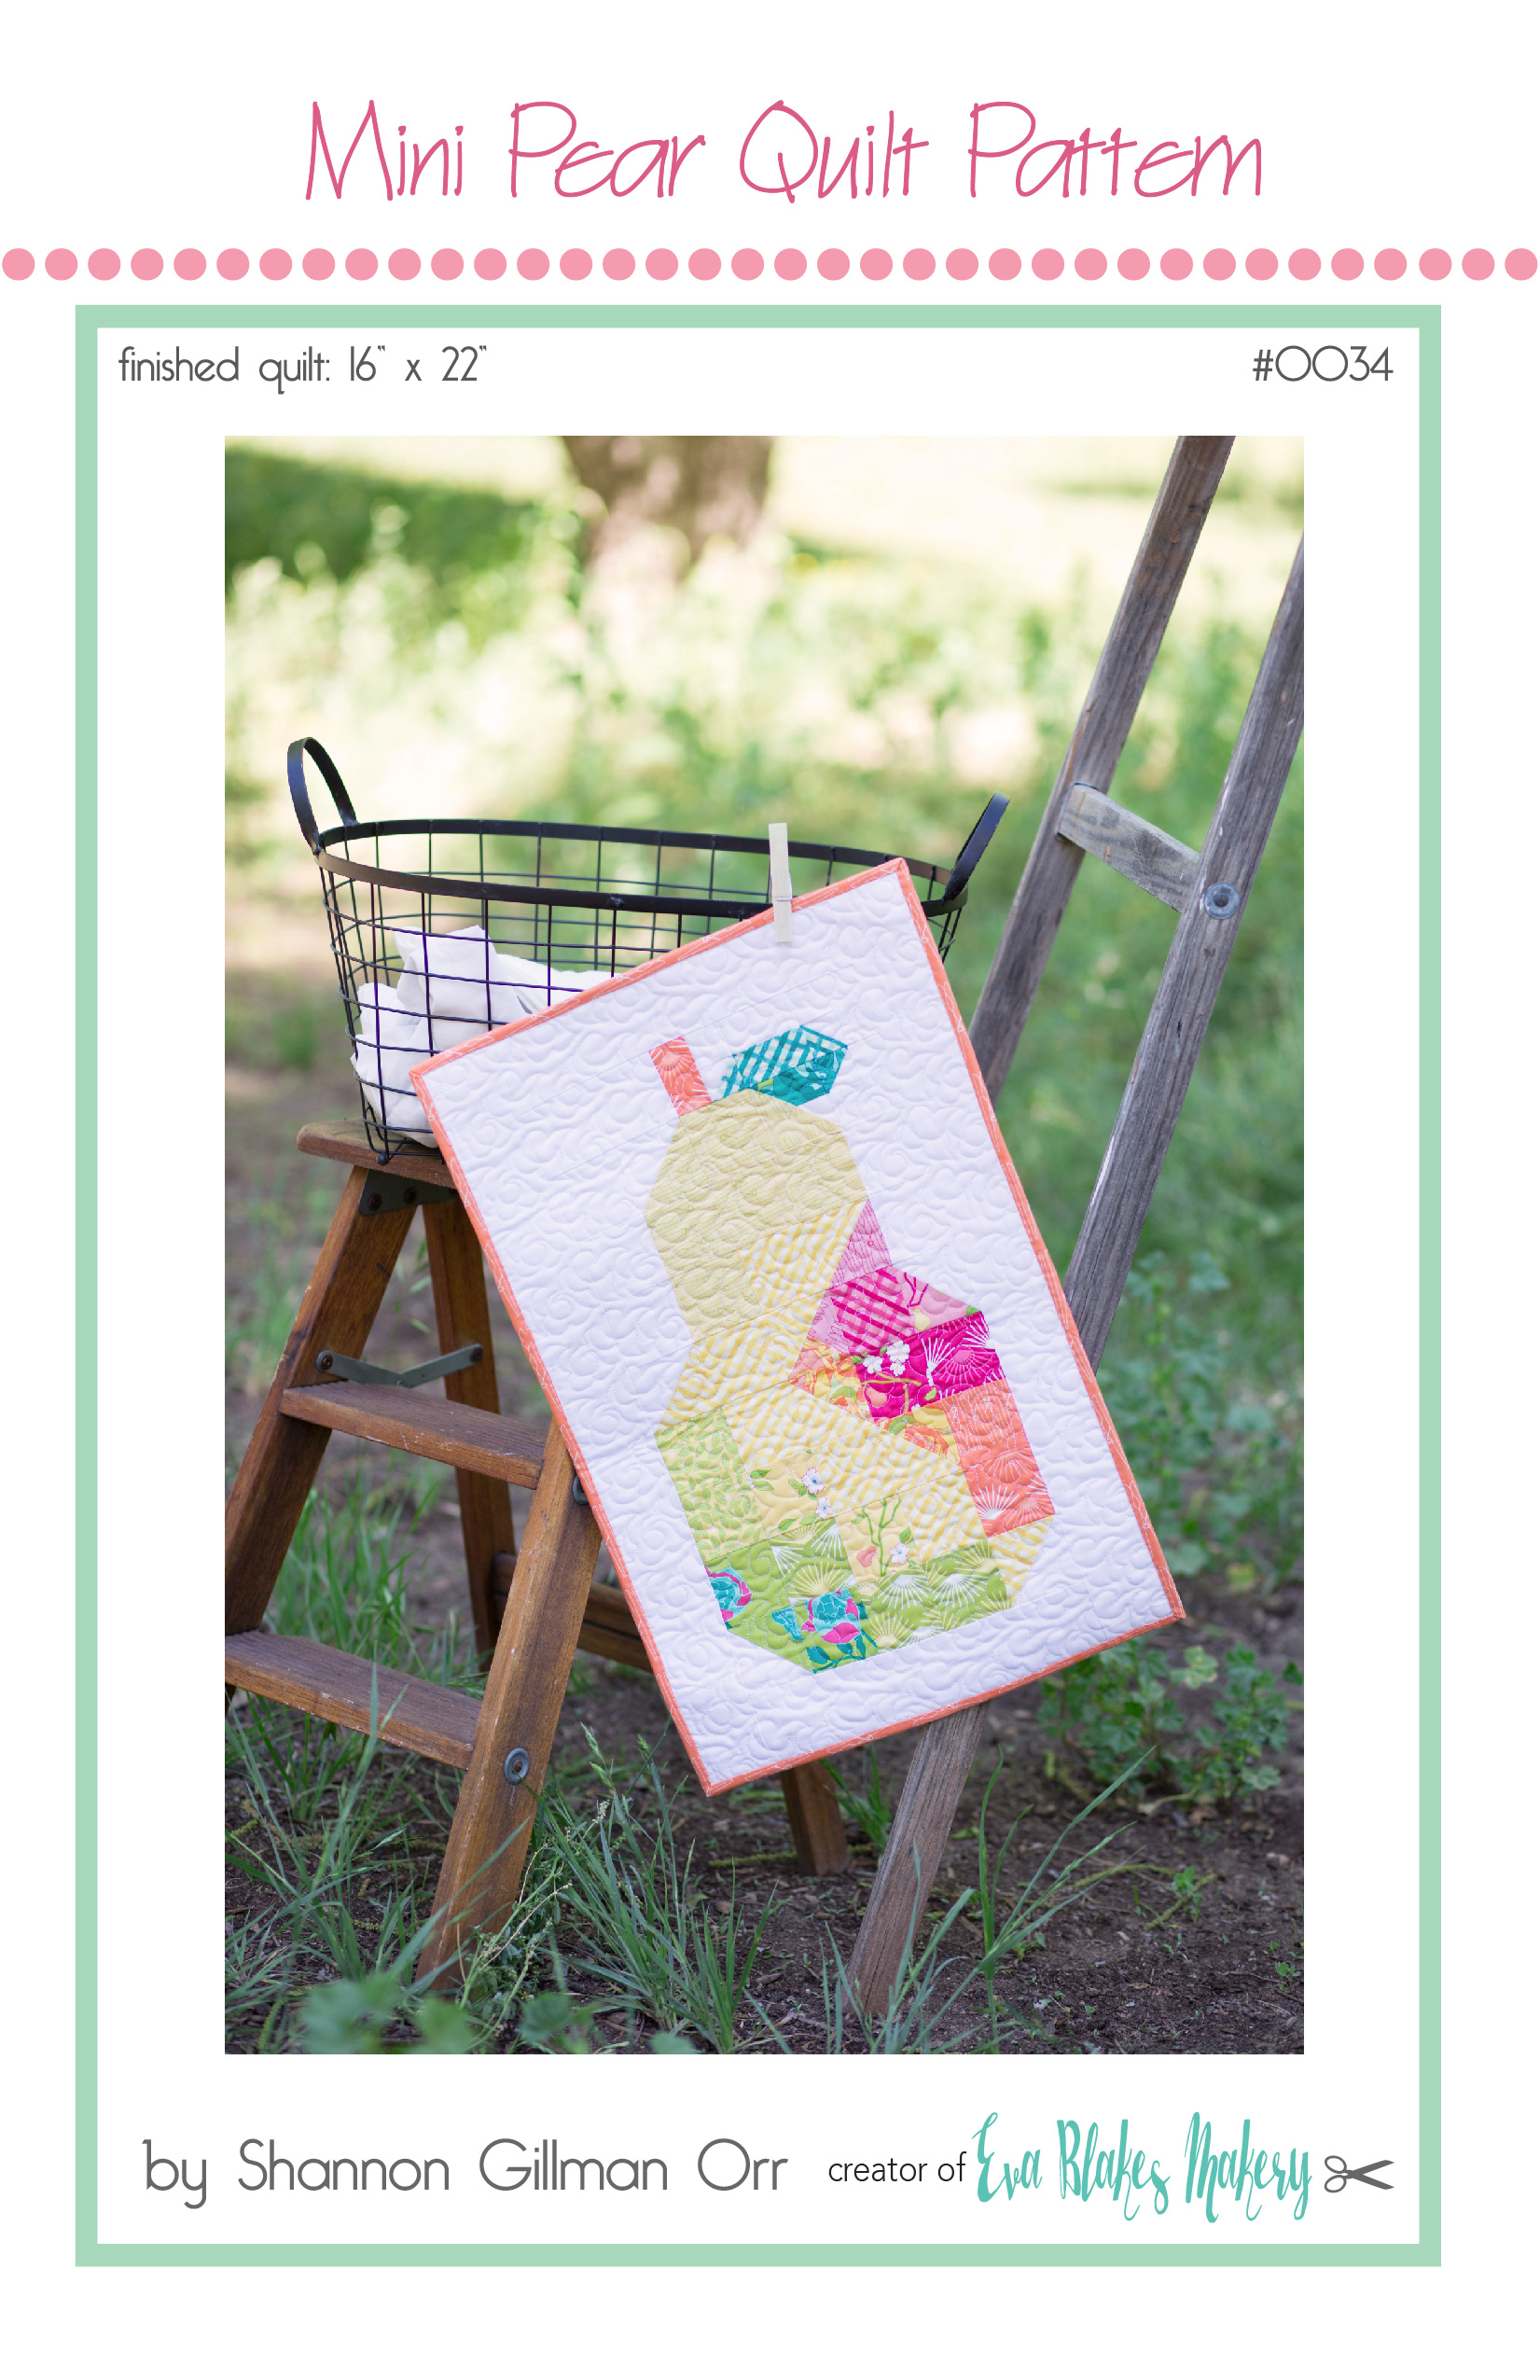 Pear Quilt Mini_Artboard 1.jpg